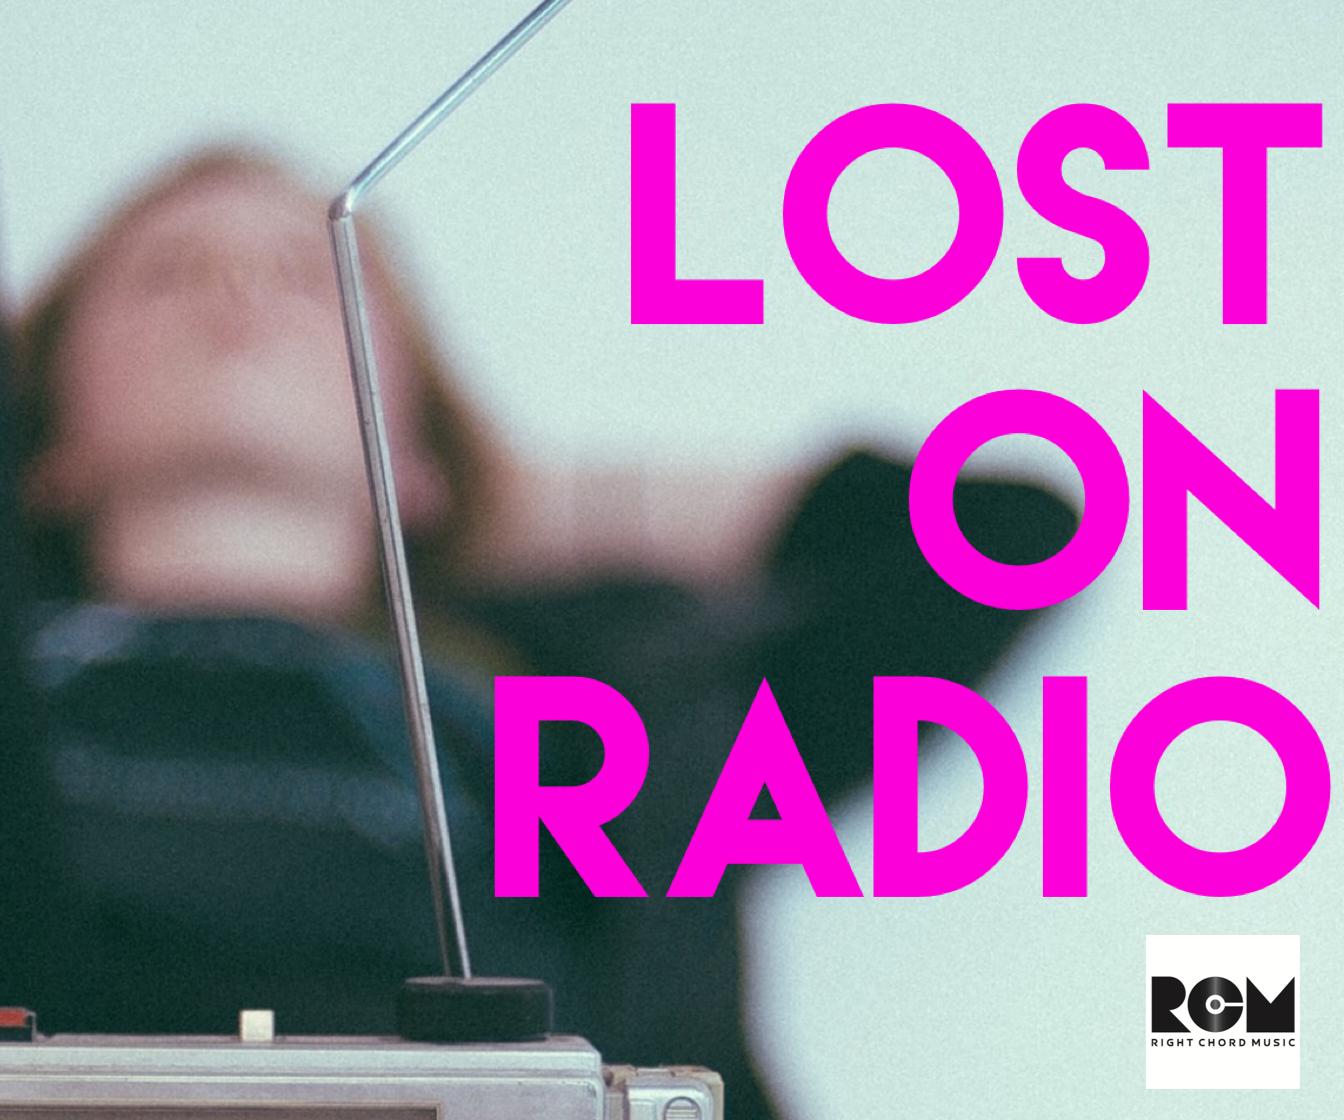 Lost On Radio Playlist